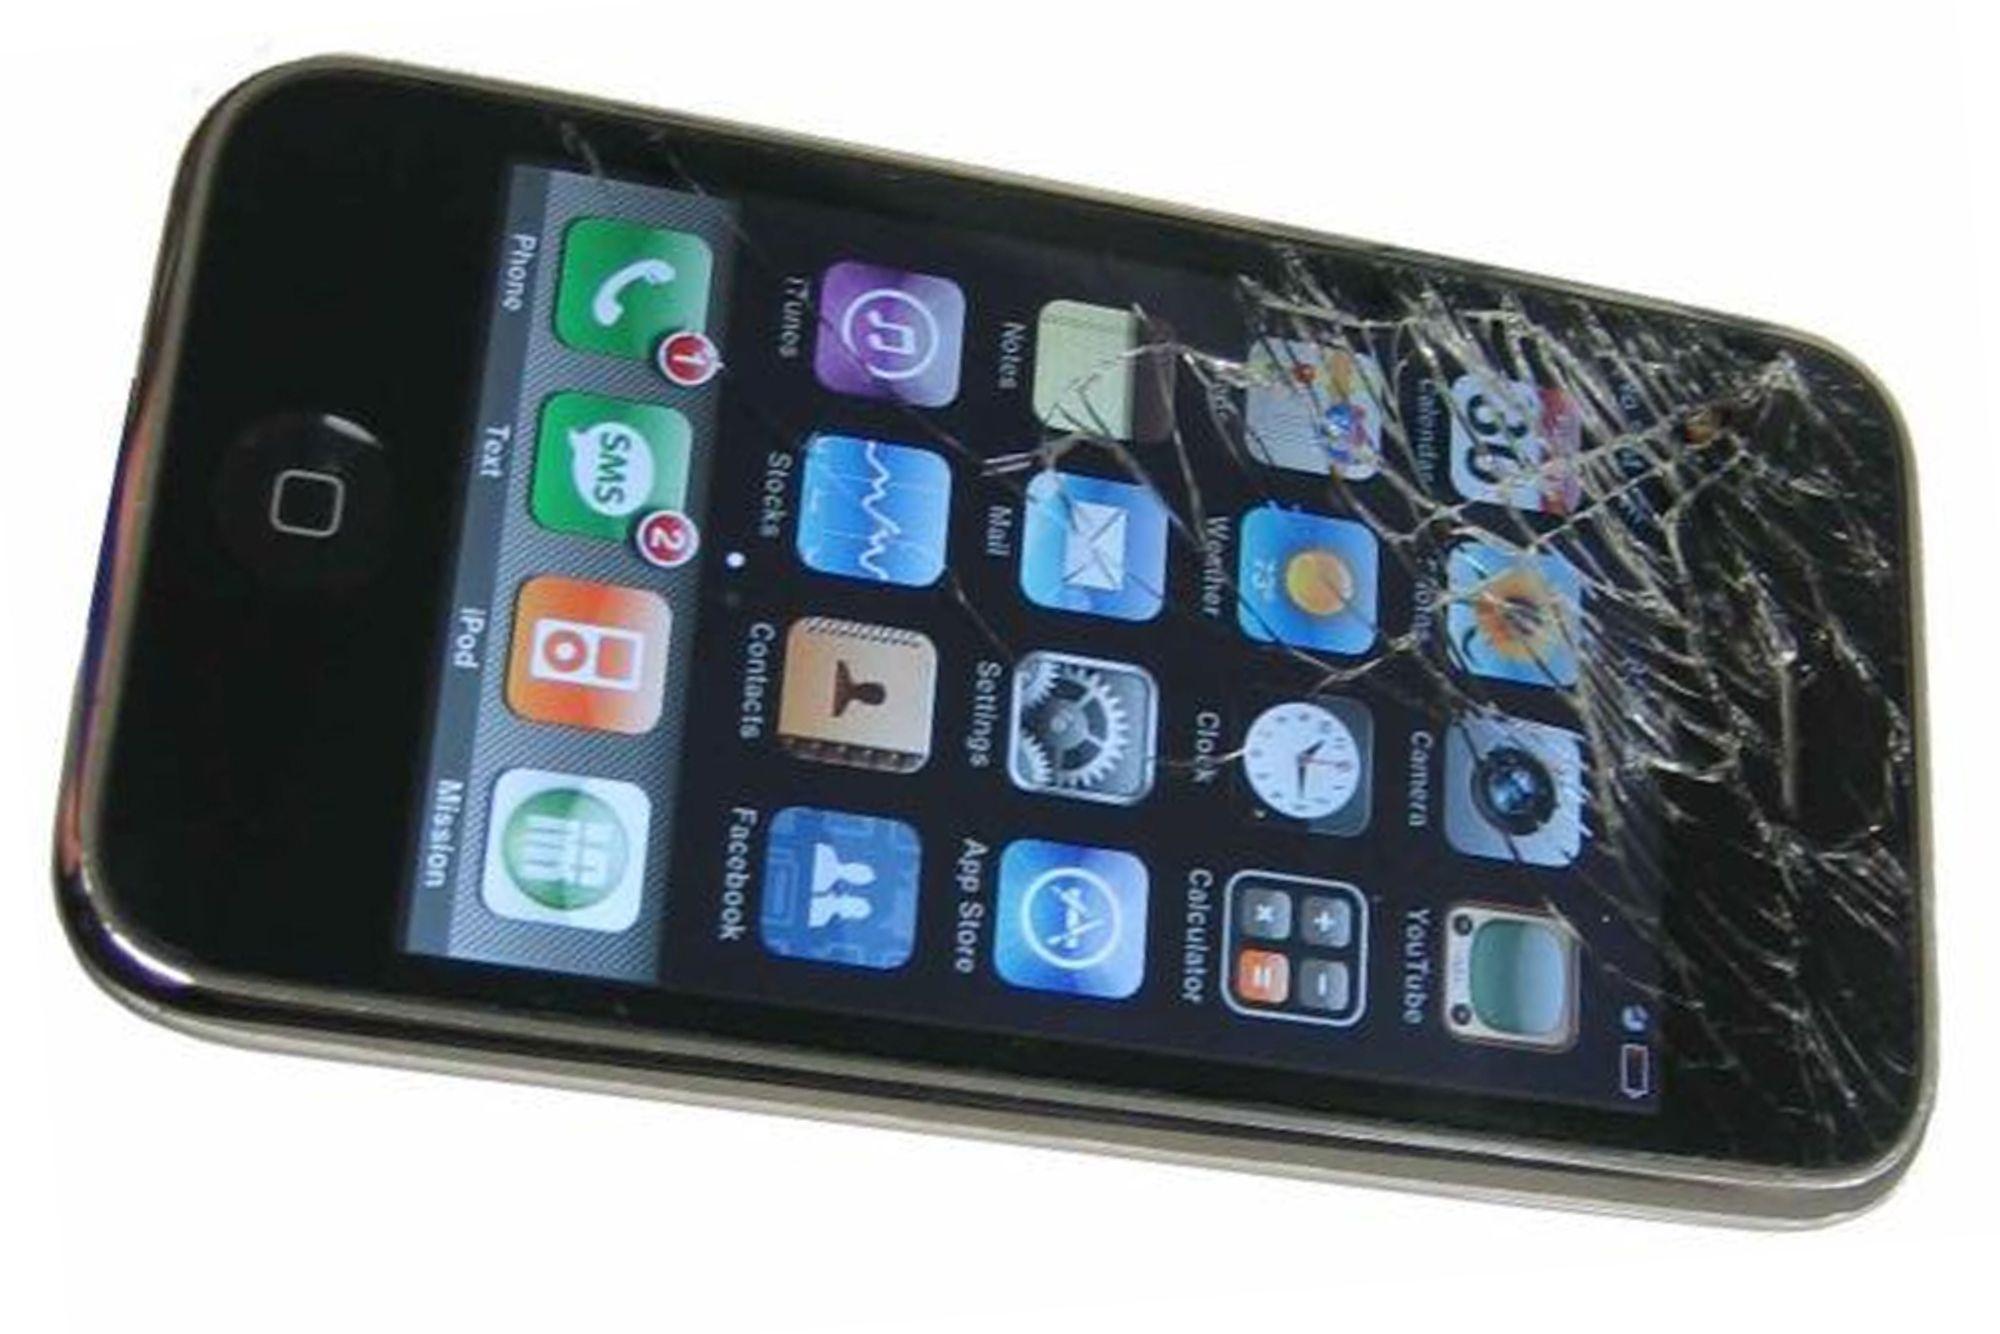 Les Unngå mobilkrise i jula